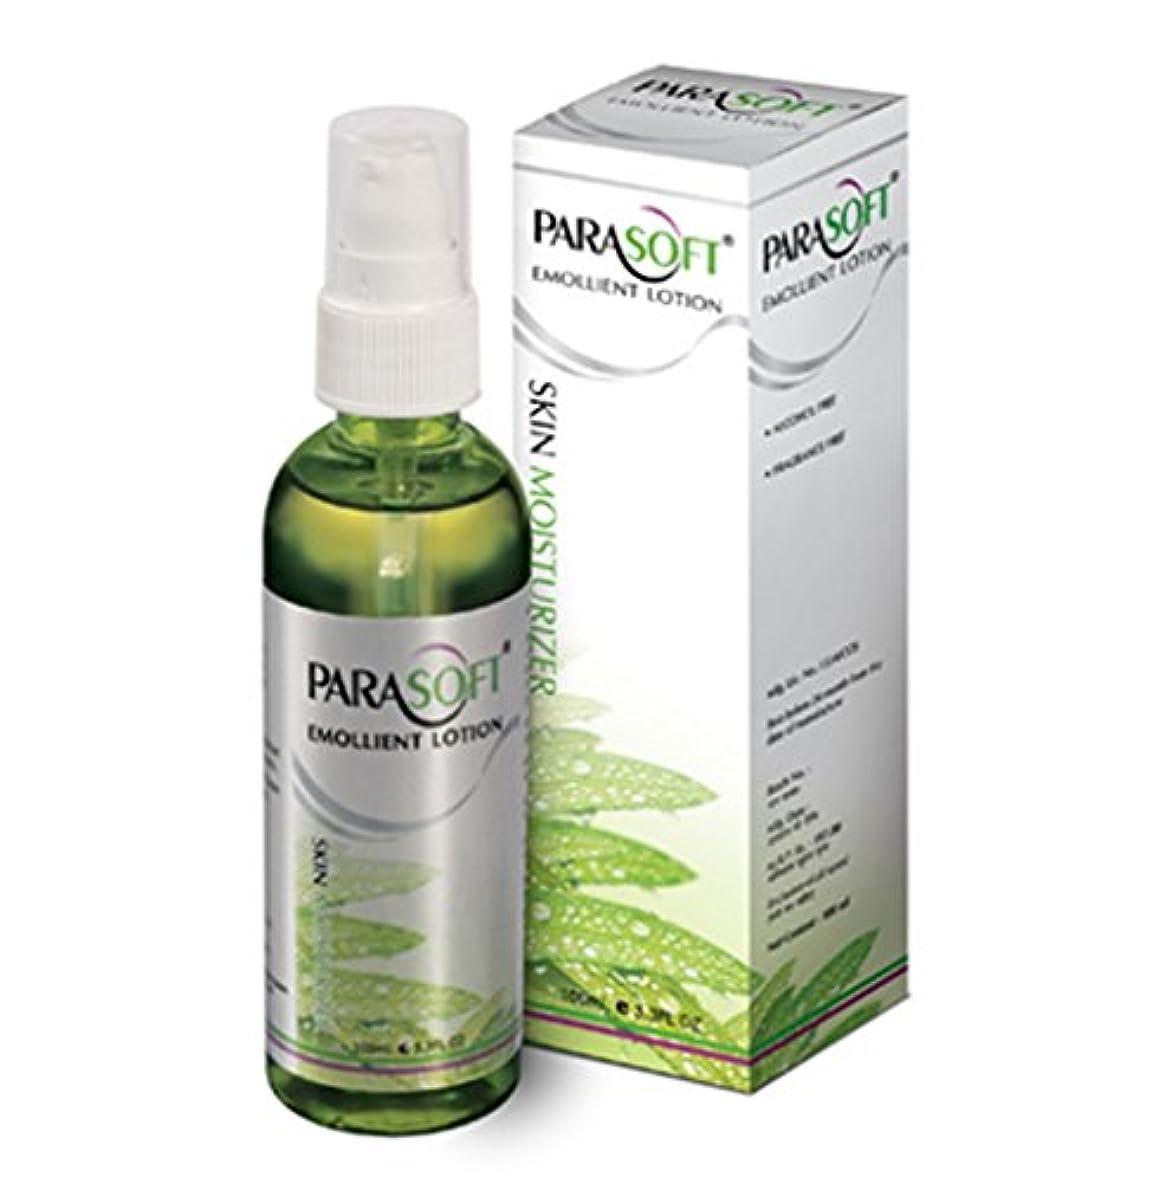 おしゃれじゃないアンケート新着Paraffin Lotion Grapeseed, Jojoba, Aloevera, Avocado, Olive Oil Dry Skin 100ml